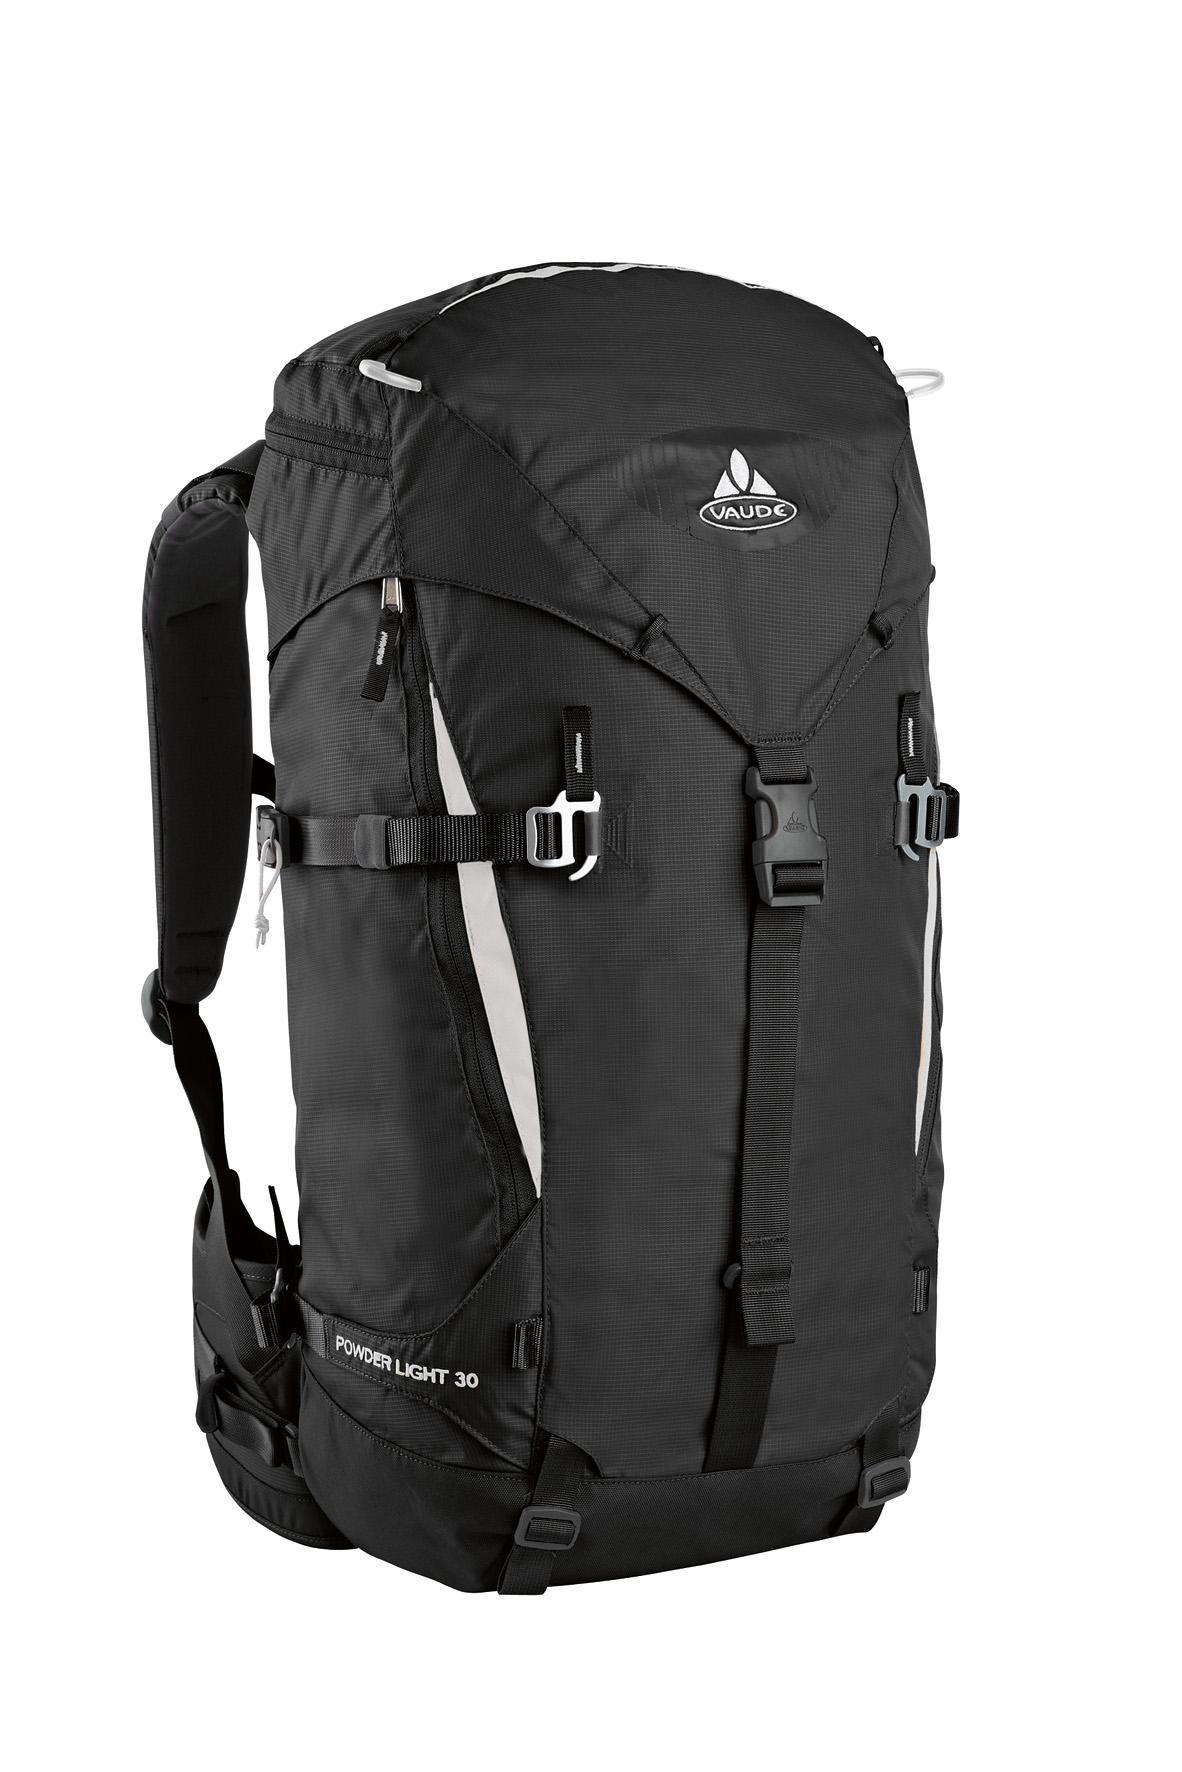 Lyžařský batoh VAUDE Powder Light 30 - Alpine - dotazy k produktu ... ce49261f6a